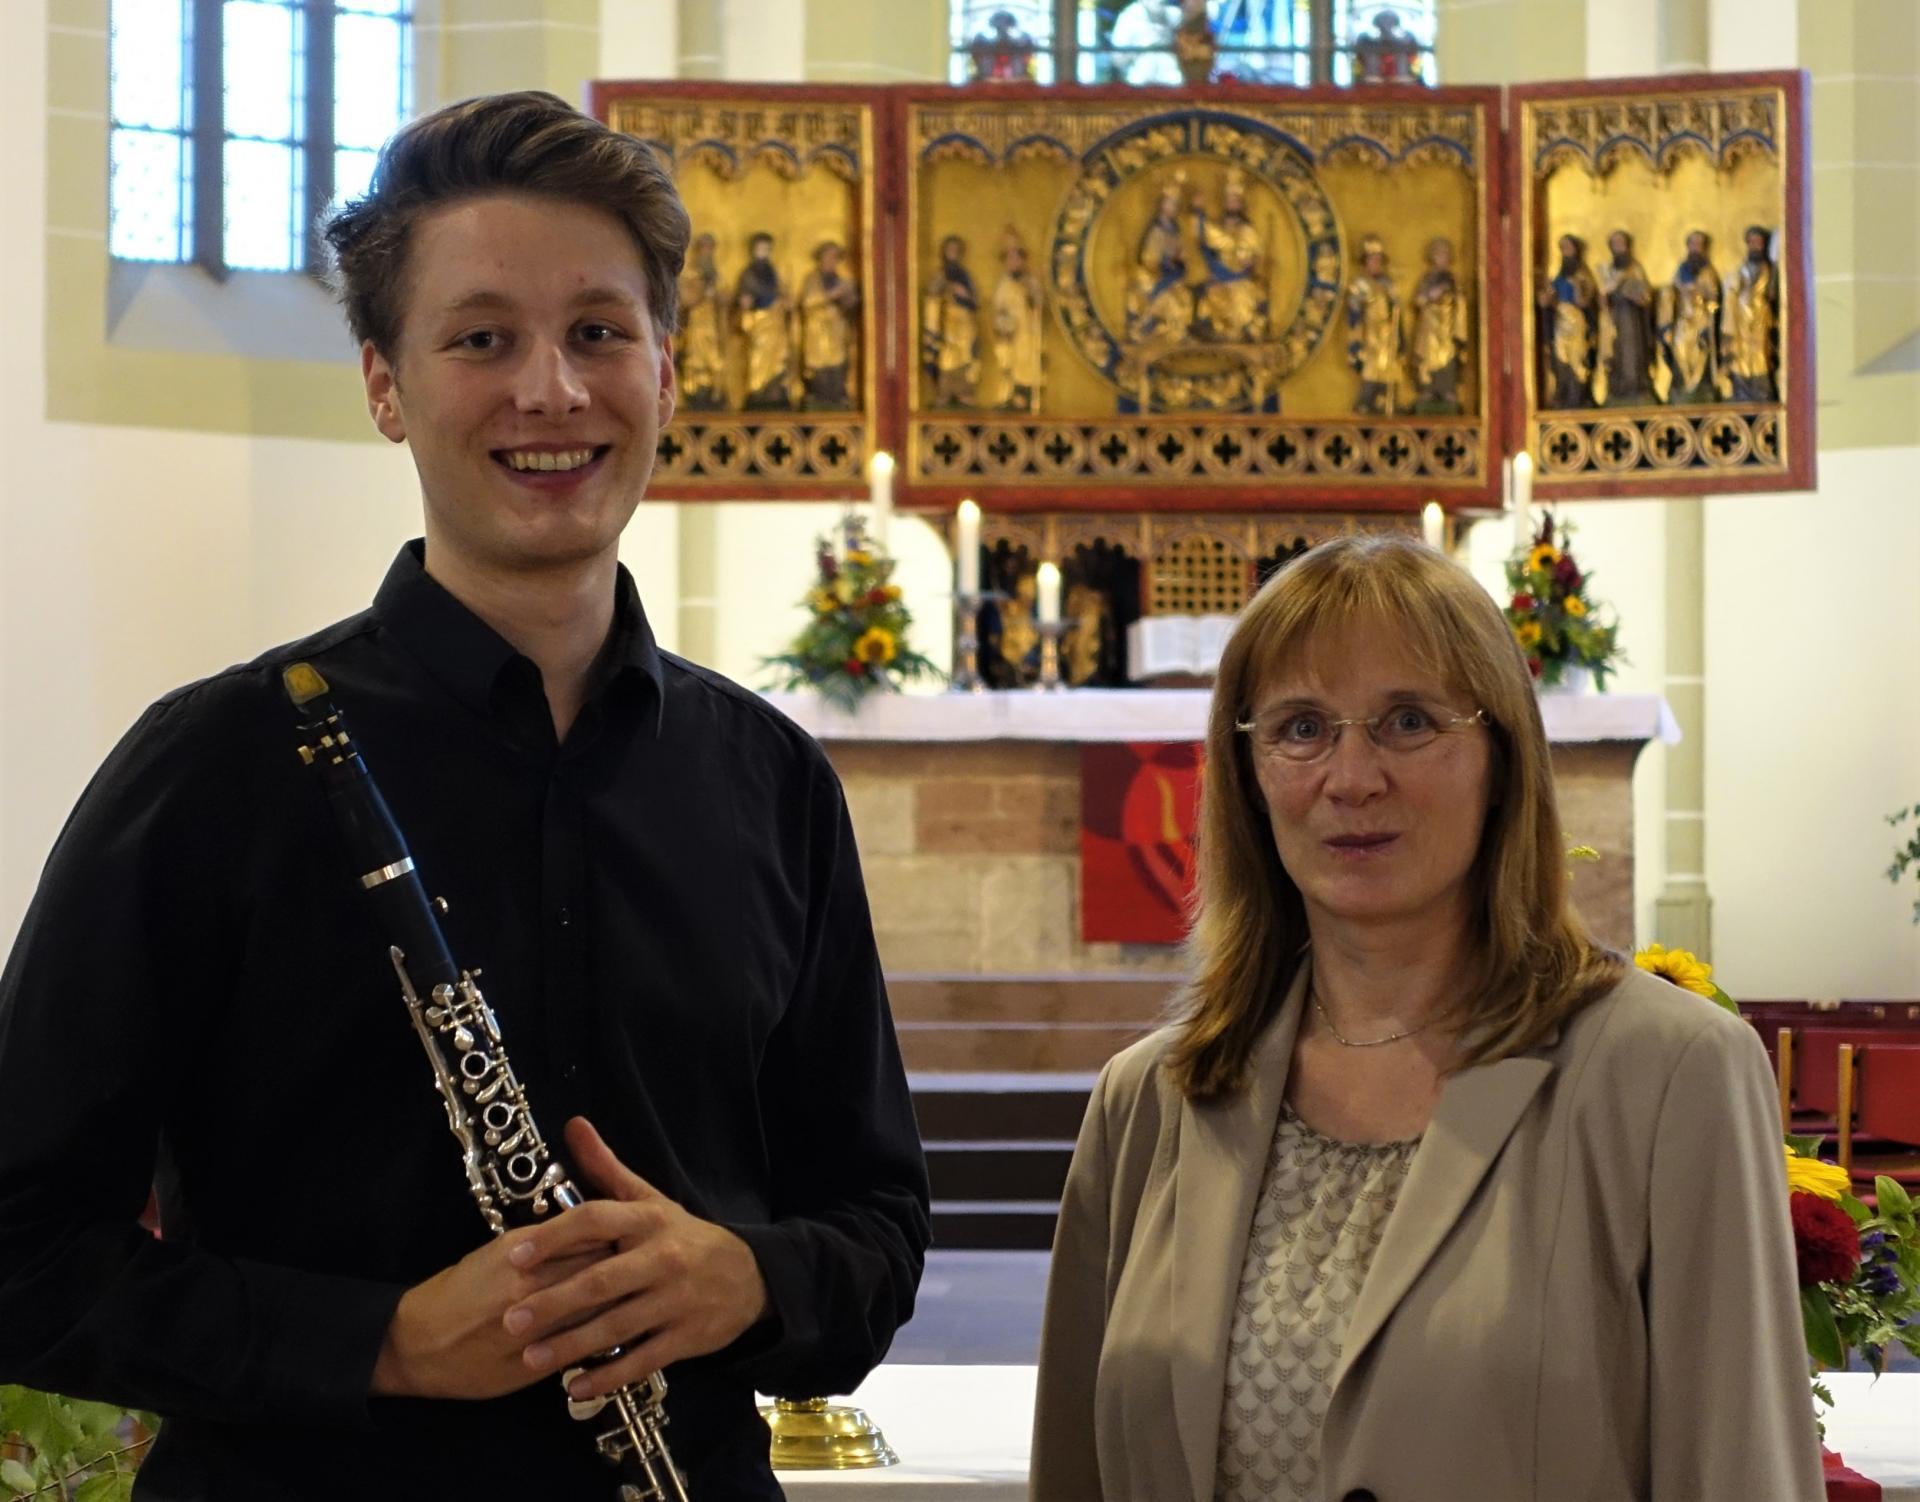 Tina Willms nach Ihrer Lesung am 07.09. mit ihrem Sohn der sie nicht nur auf dem Saxophon begleitet hat